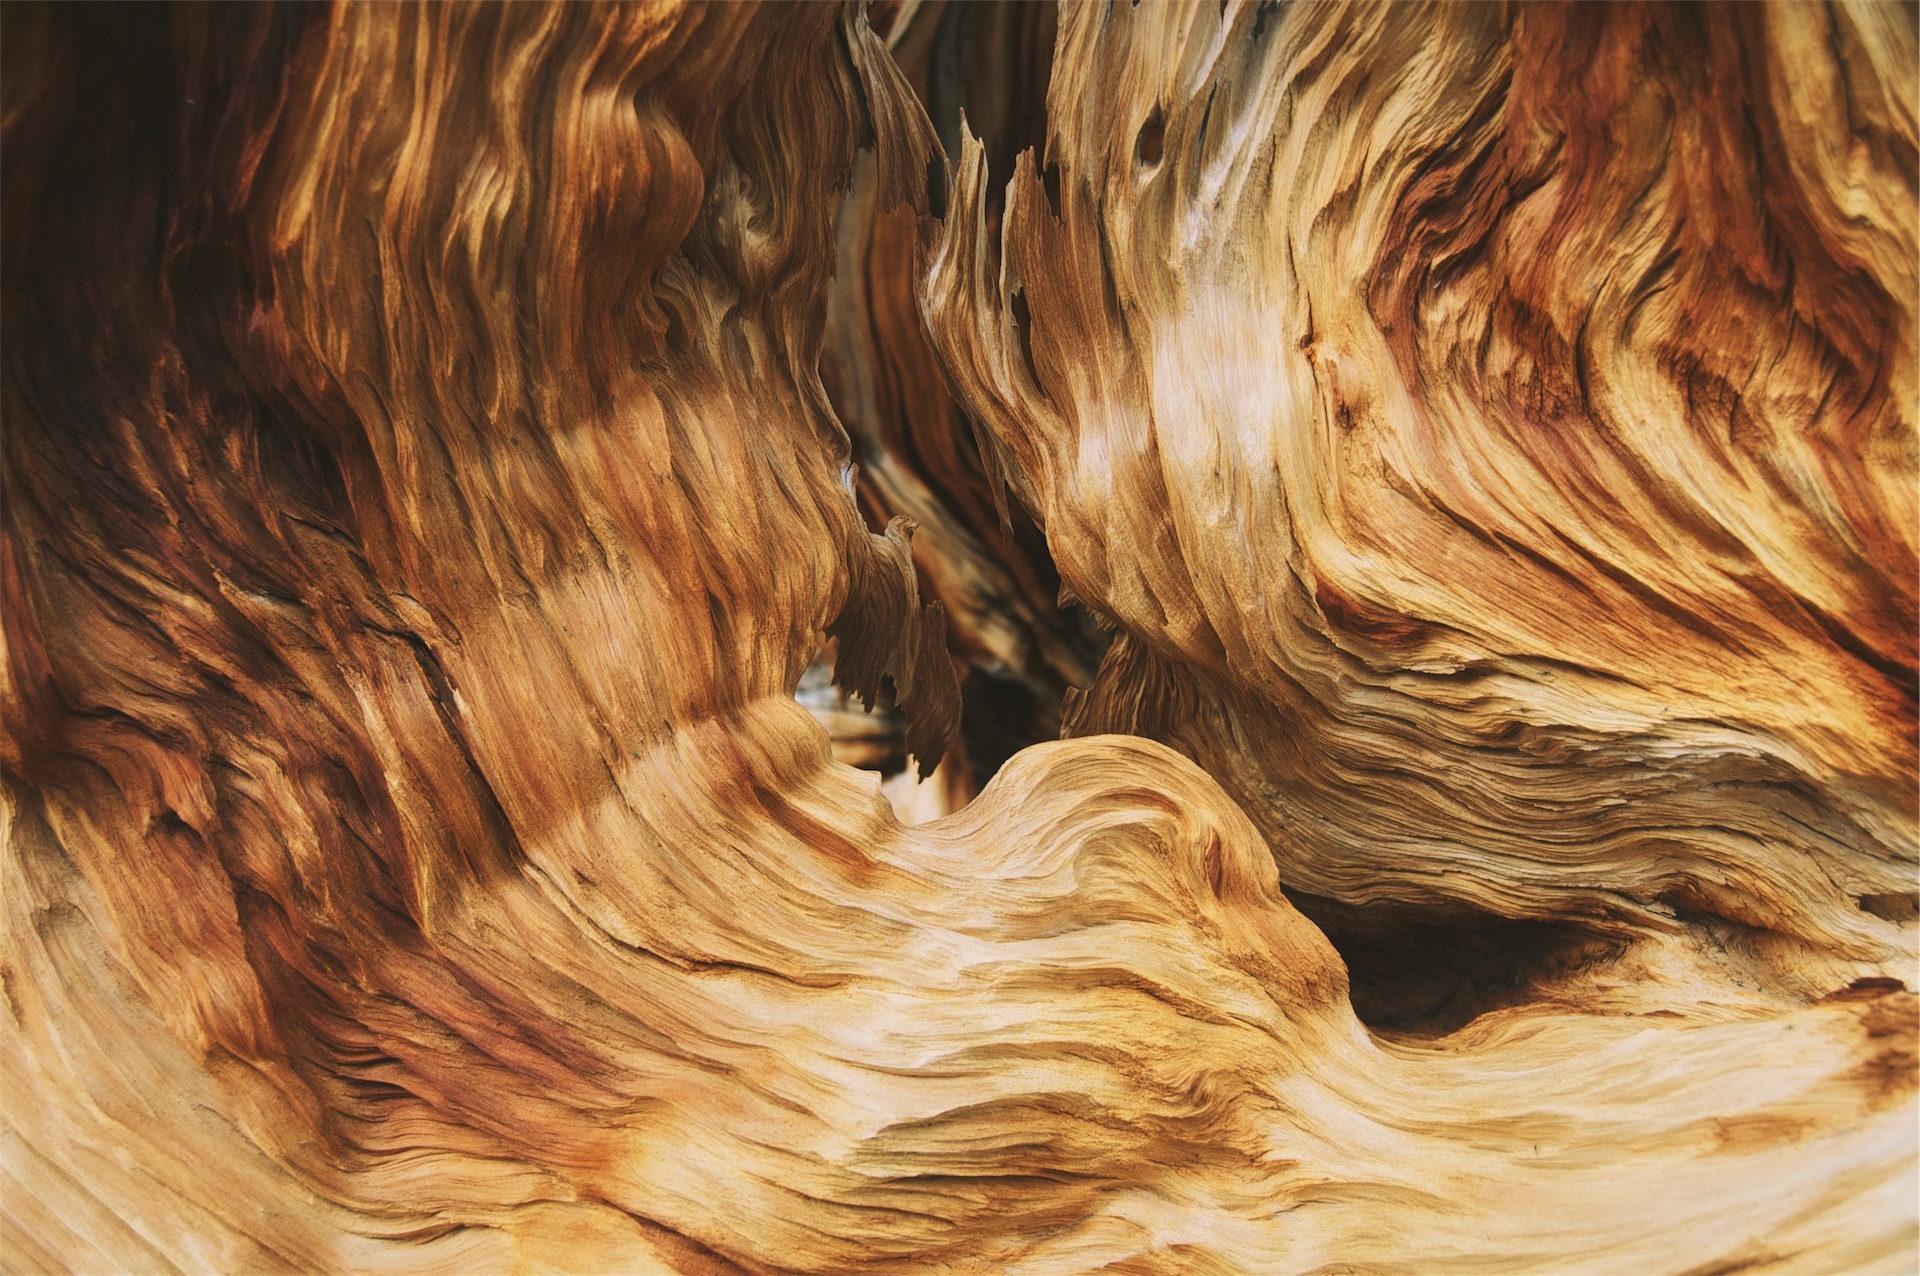 Venen, Holz, Wellen, bunte, Farbverlauf - Wallpaper HD - Prof.-falken.com